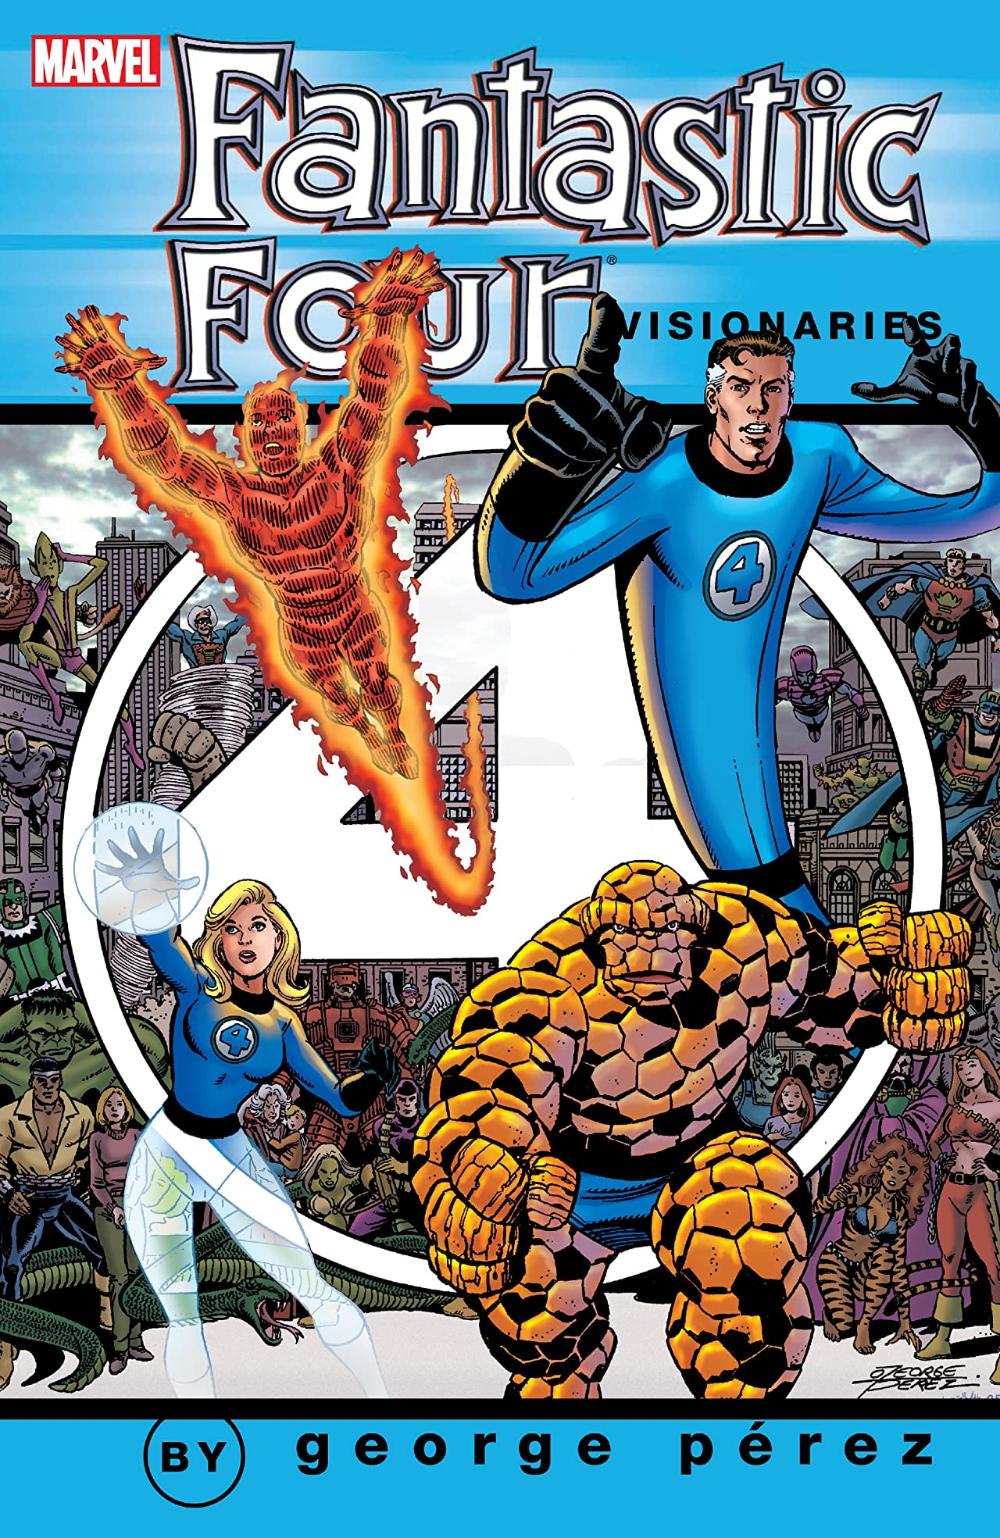 Fantastic Four Visionaries George Perez Vol 1 Comics By Comixology Fantastic Four George Perez Marvel Comics Funny